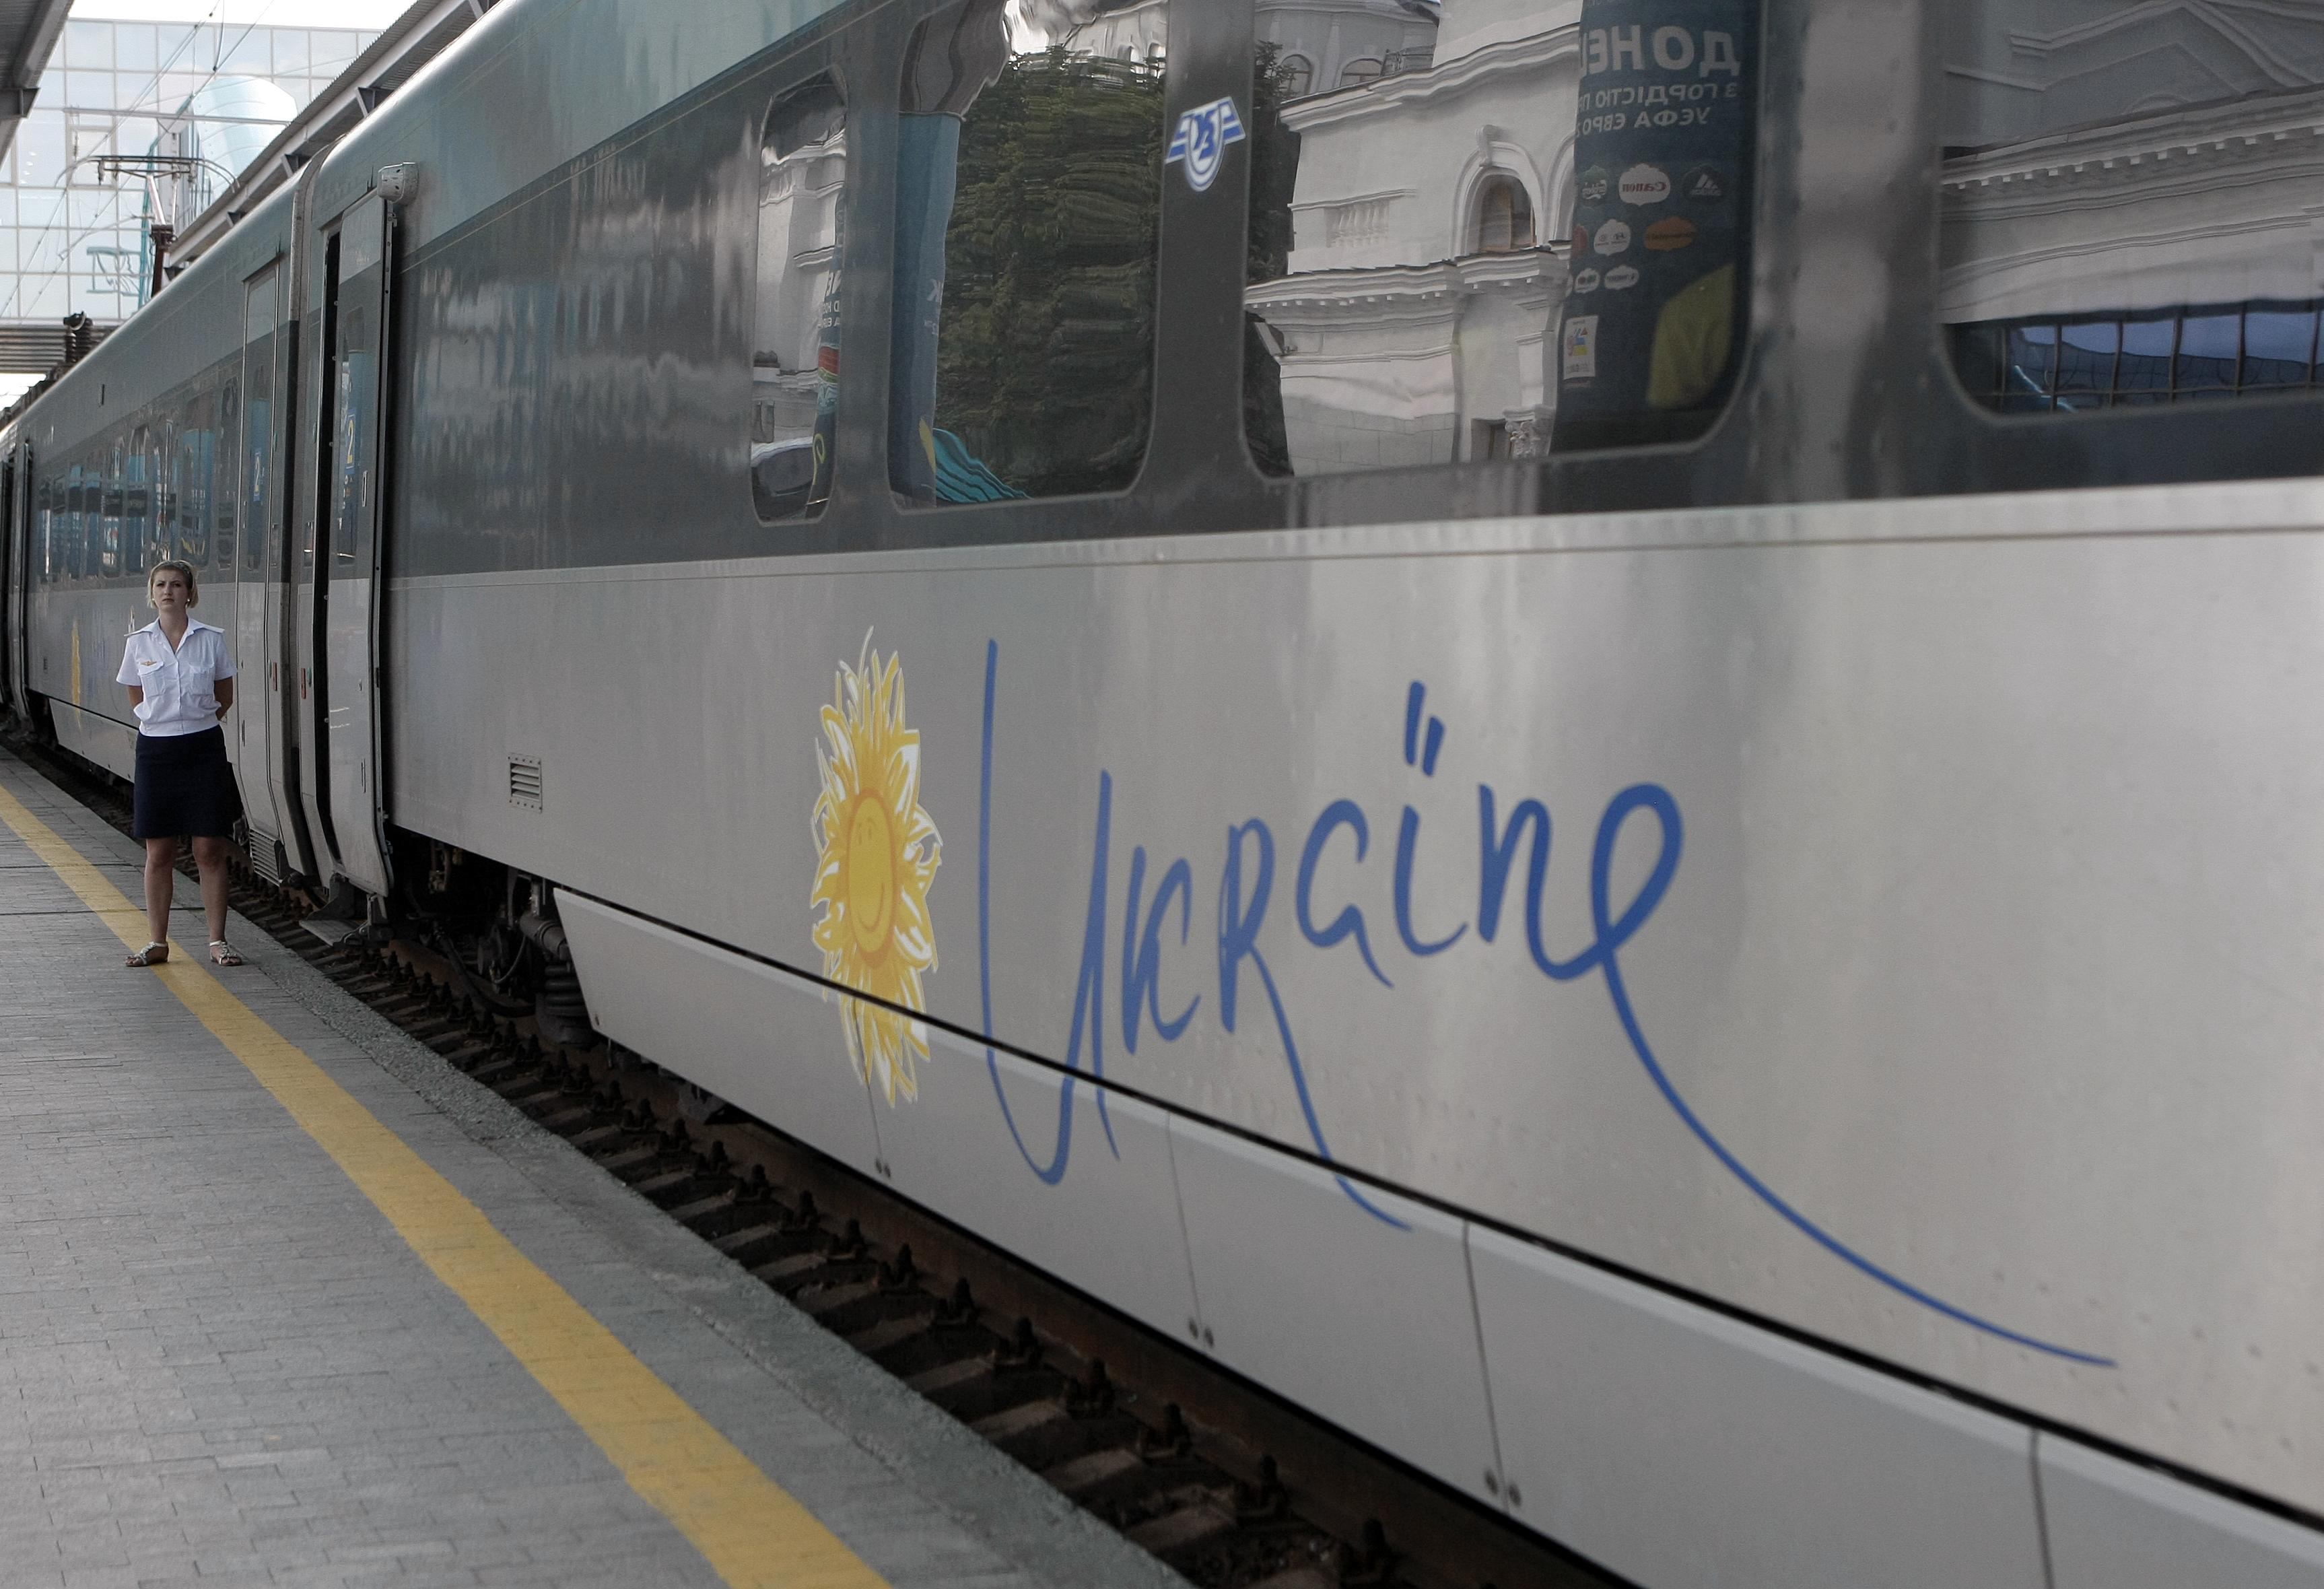 Укрзалізниця планує ввести єдиний квиток напроїзд употягах таавтотранспорті